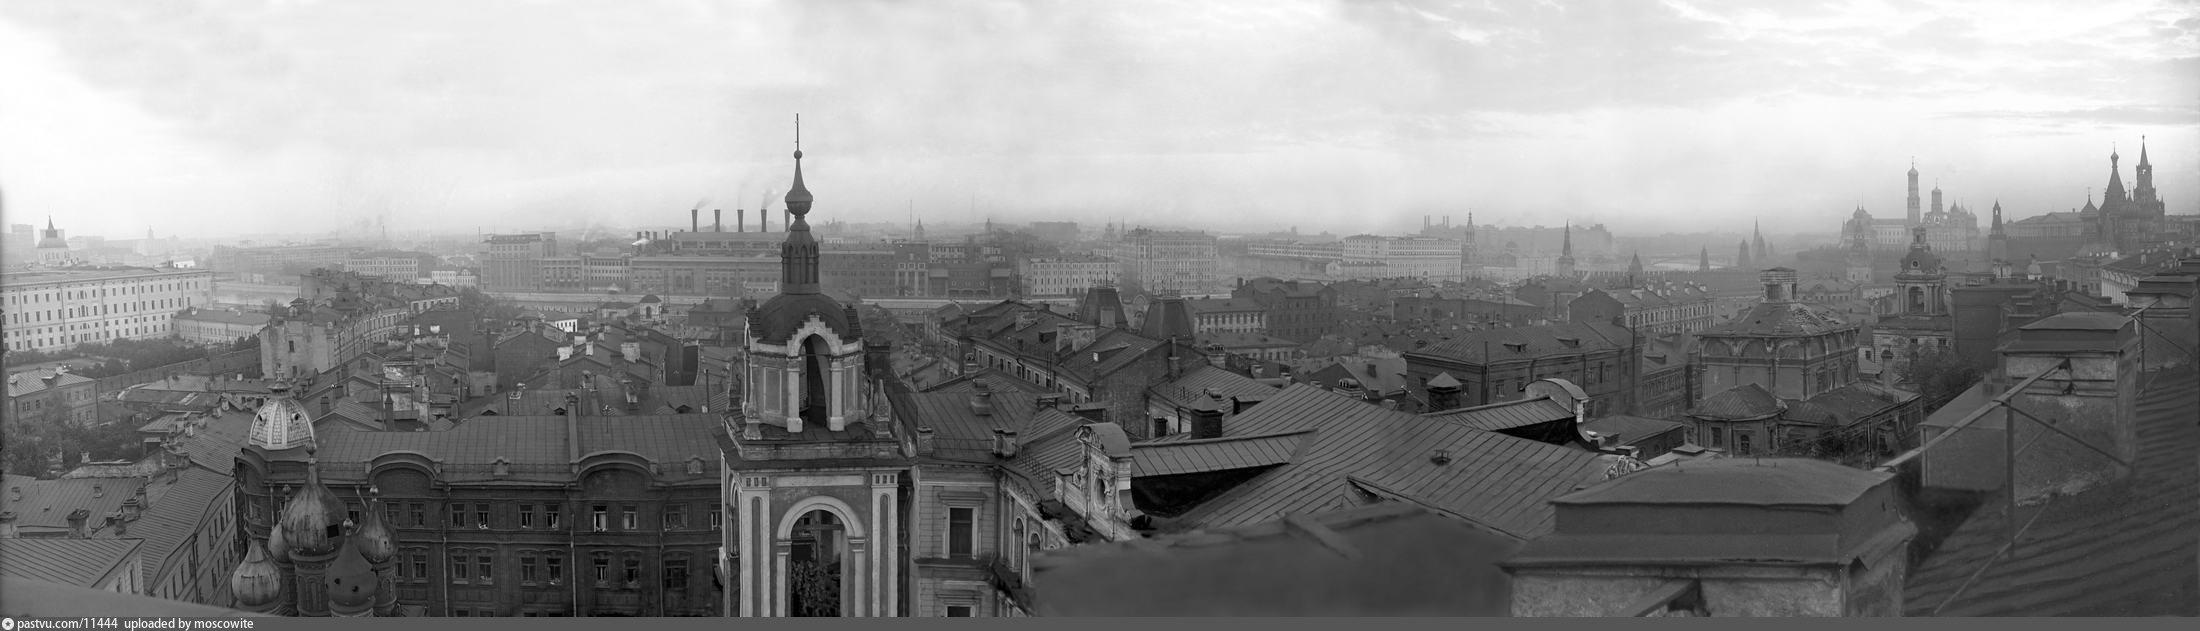 Район зарядья москва старинные фото